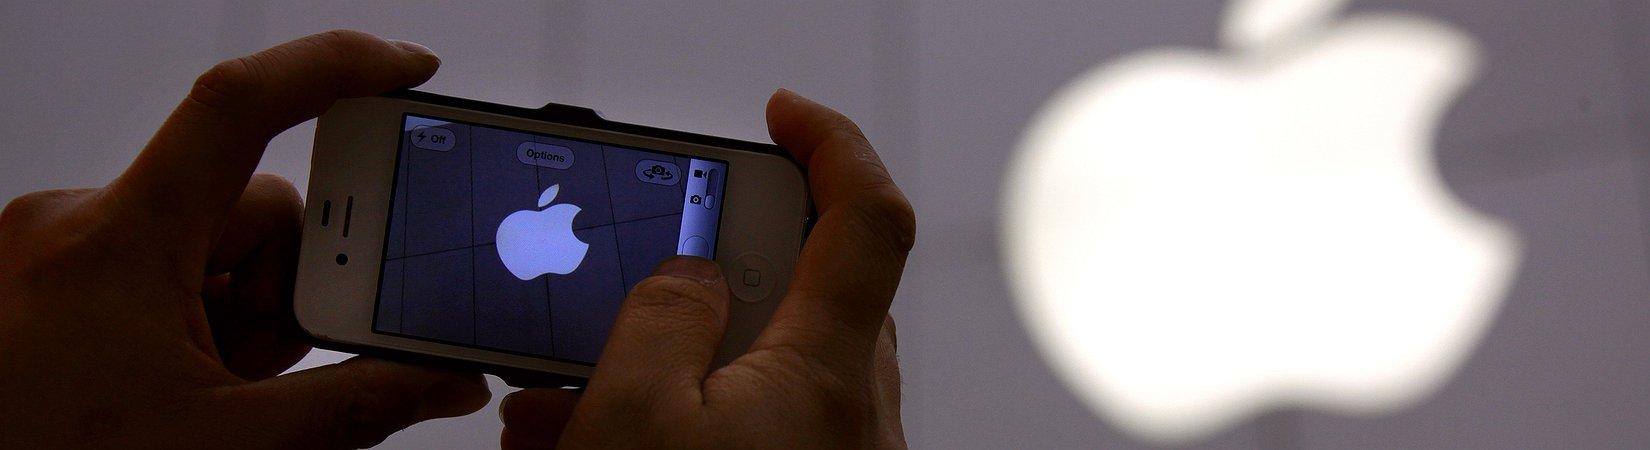 Imagination crolla a picco dopo l'abbandono di Apple